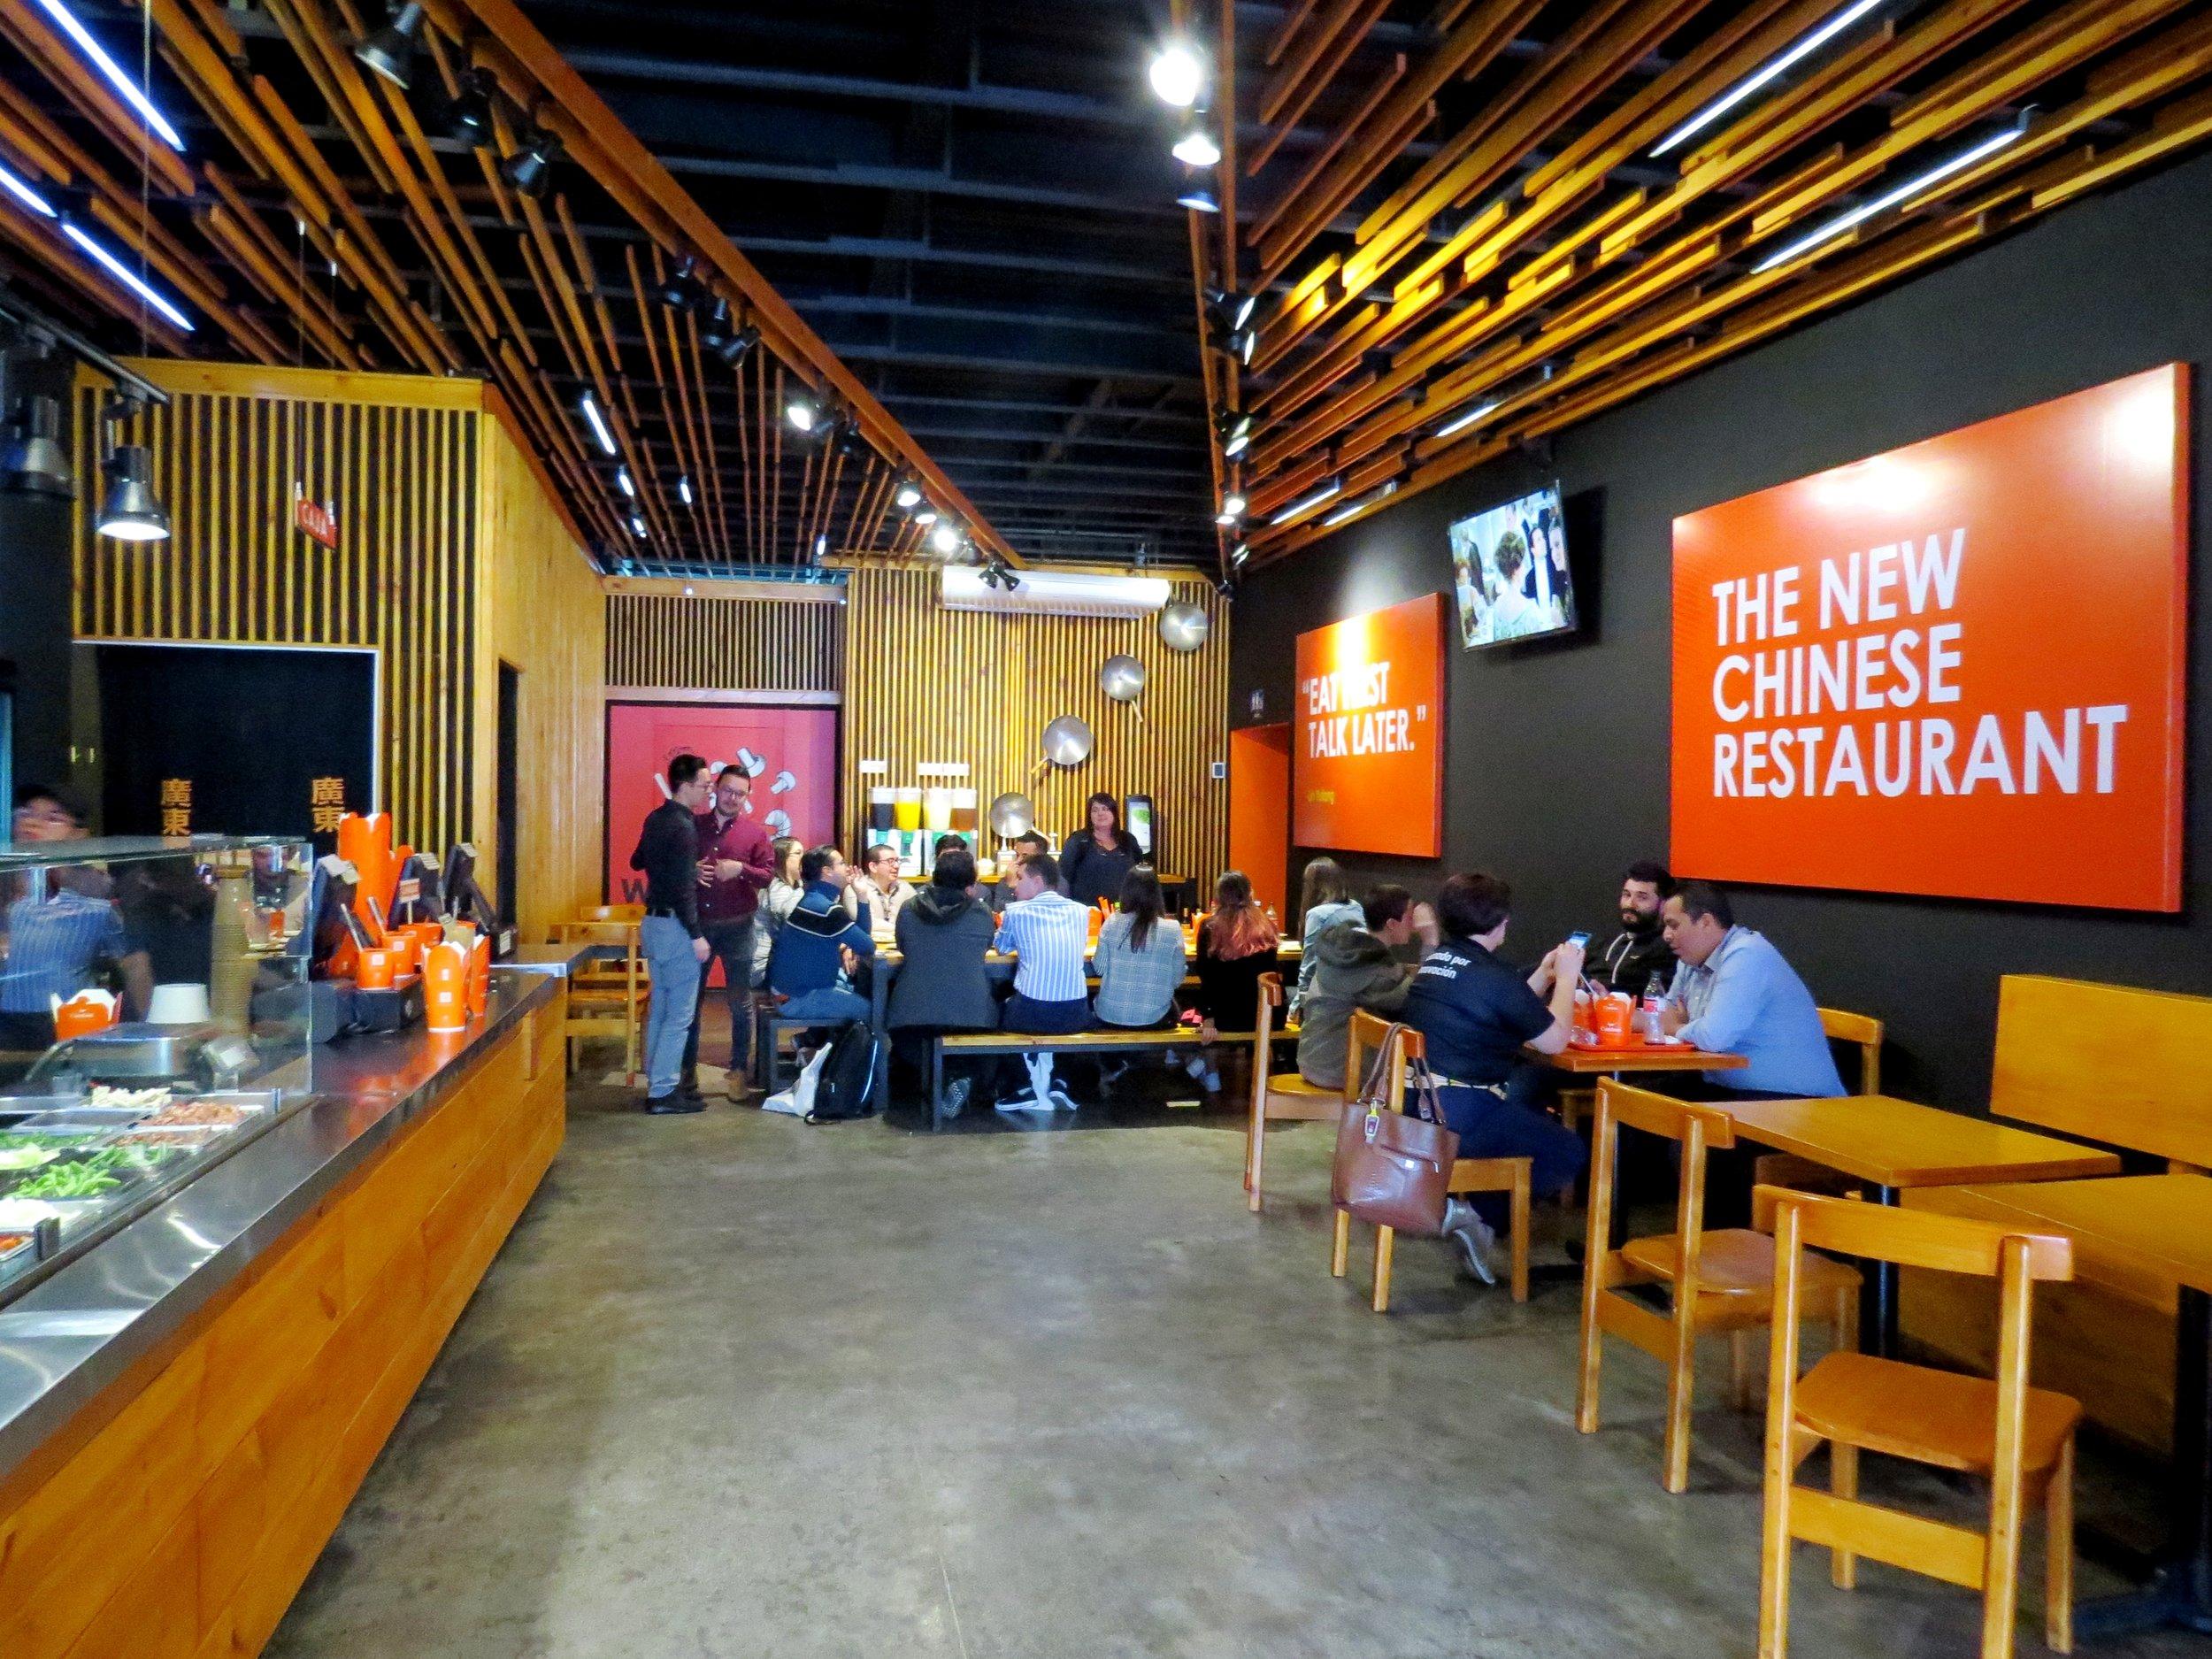 Se espera que en el segundo semestre del año Cantón inaugure su tercer restaurante en el este de la capital.